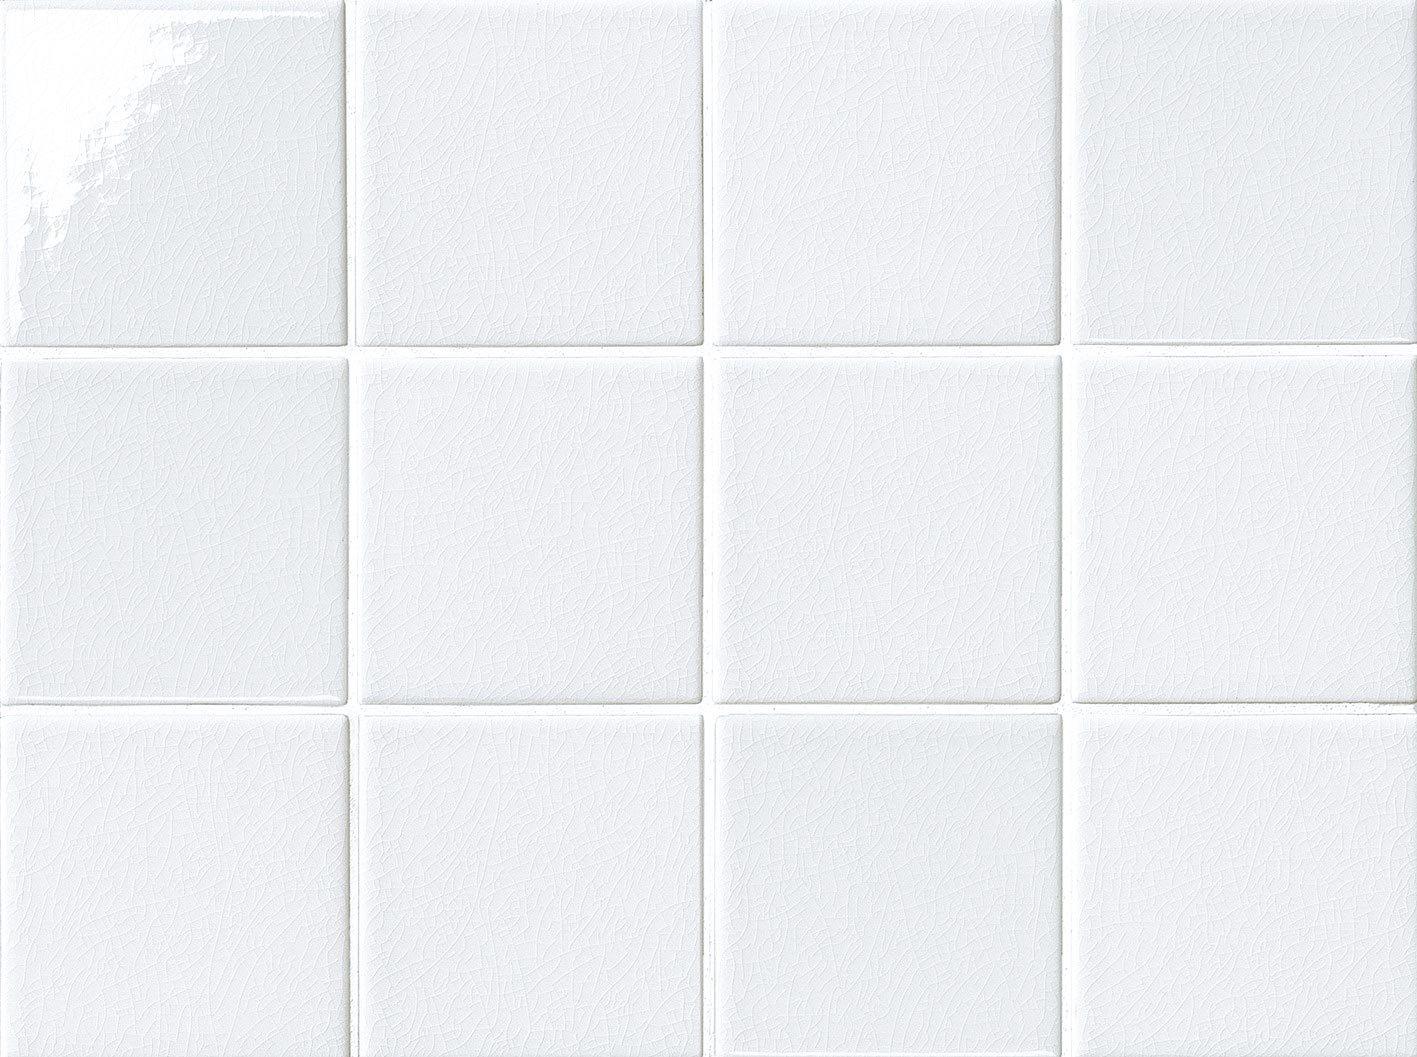 Vasca o doccia tutte e due cose di casa - Piastrella bianca lucida ...